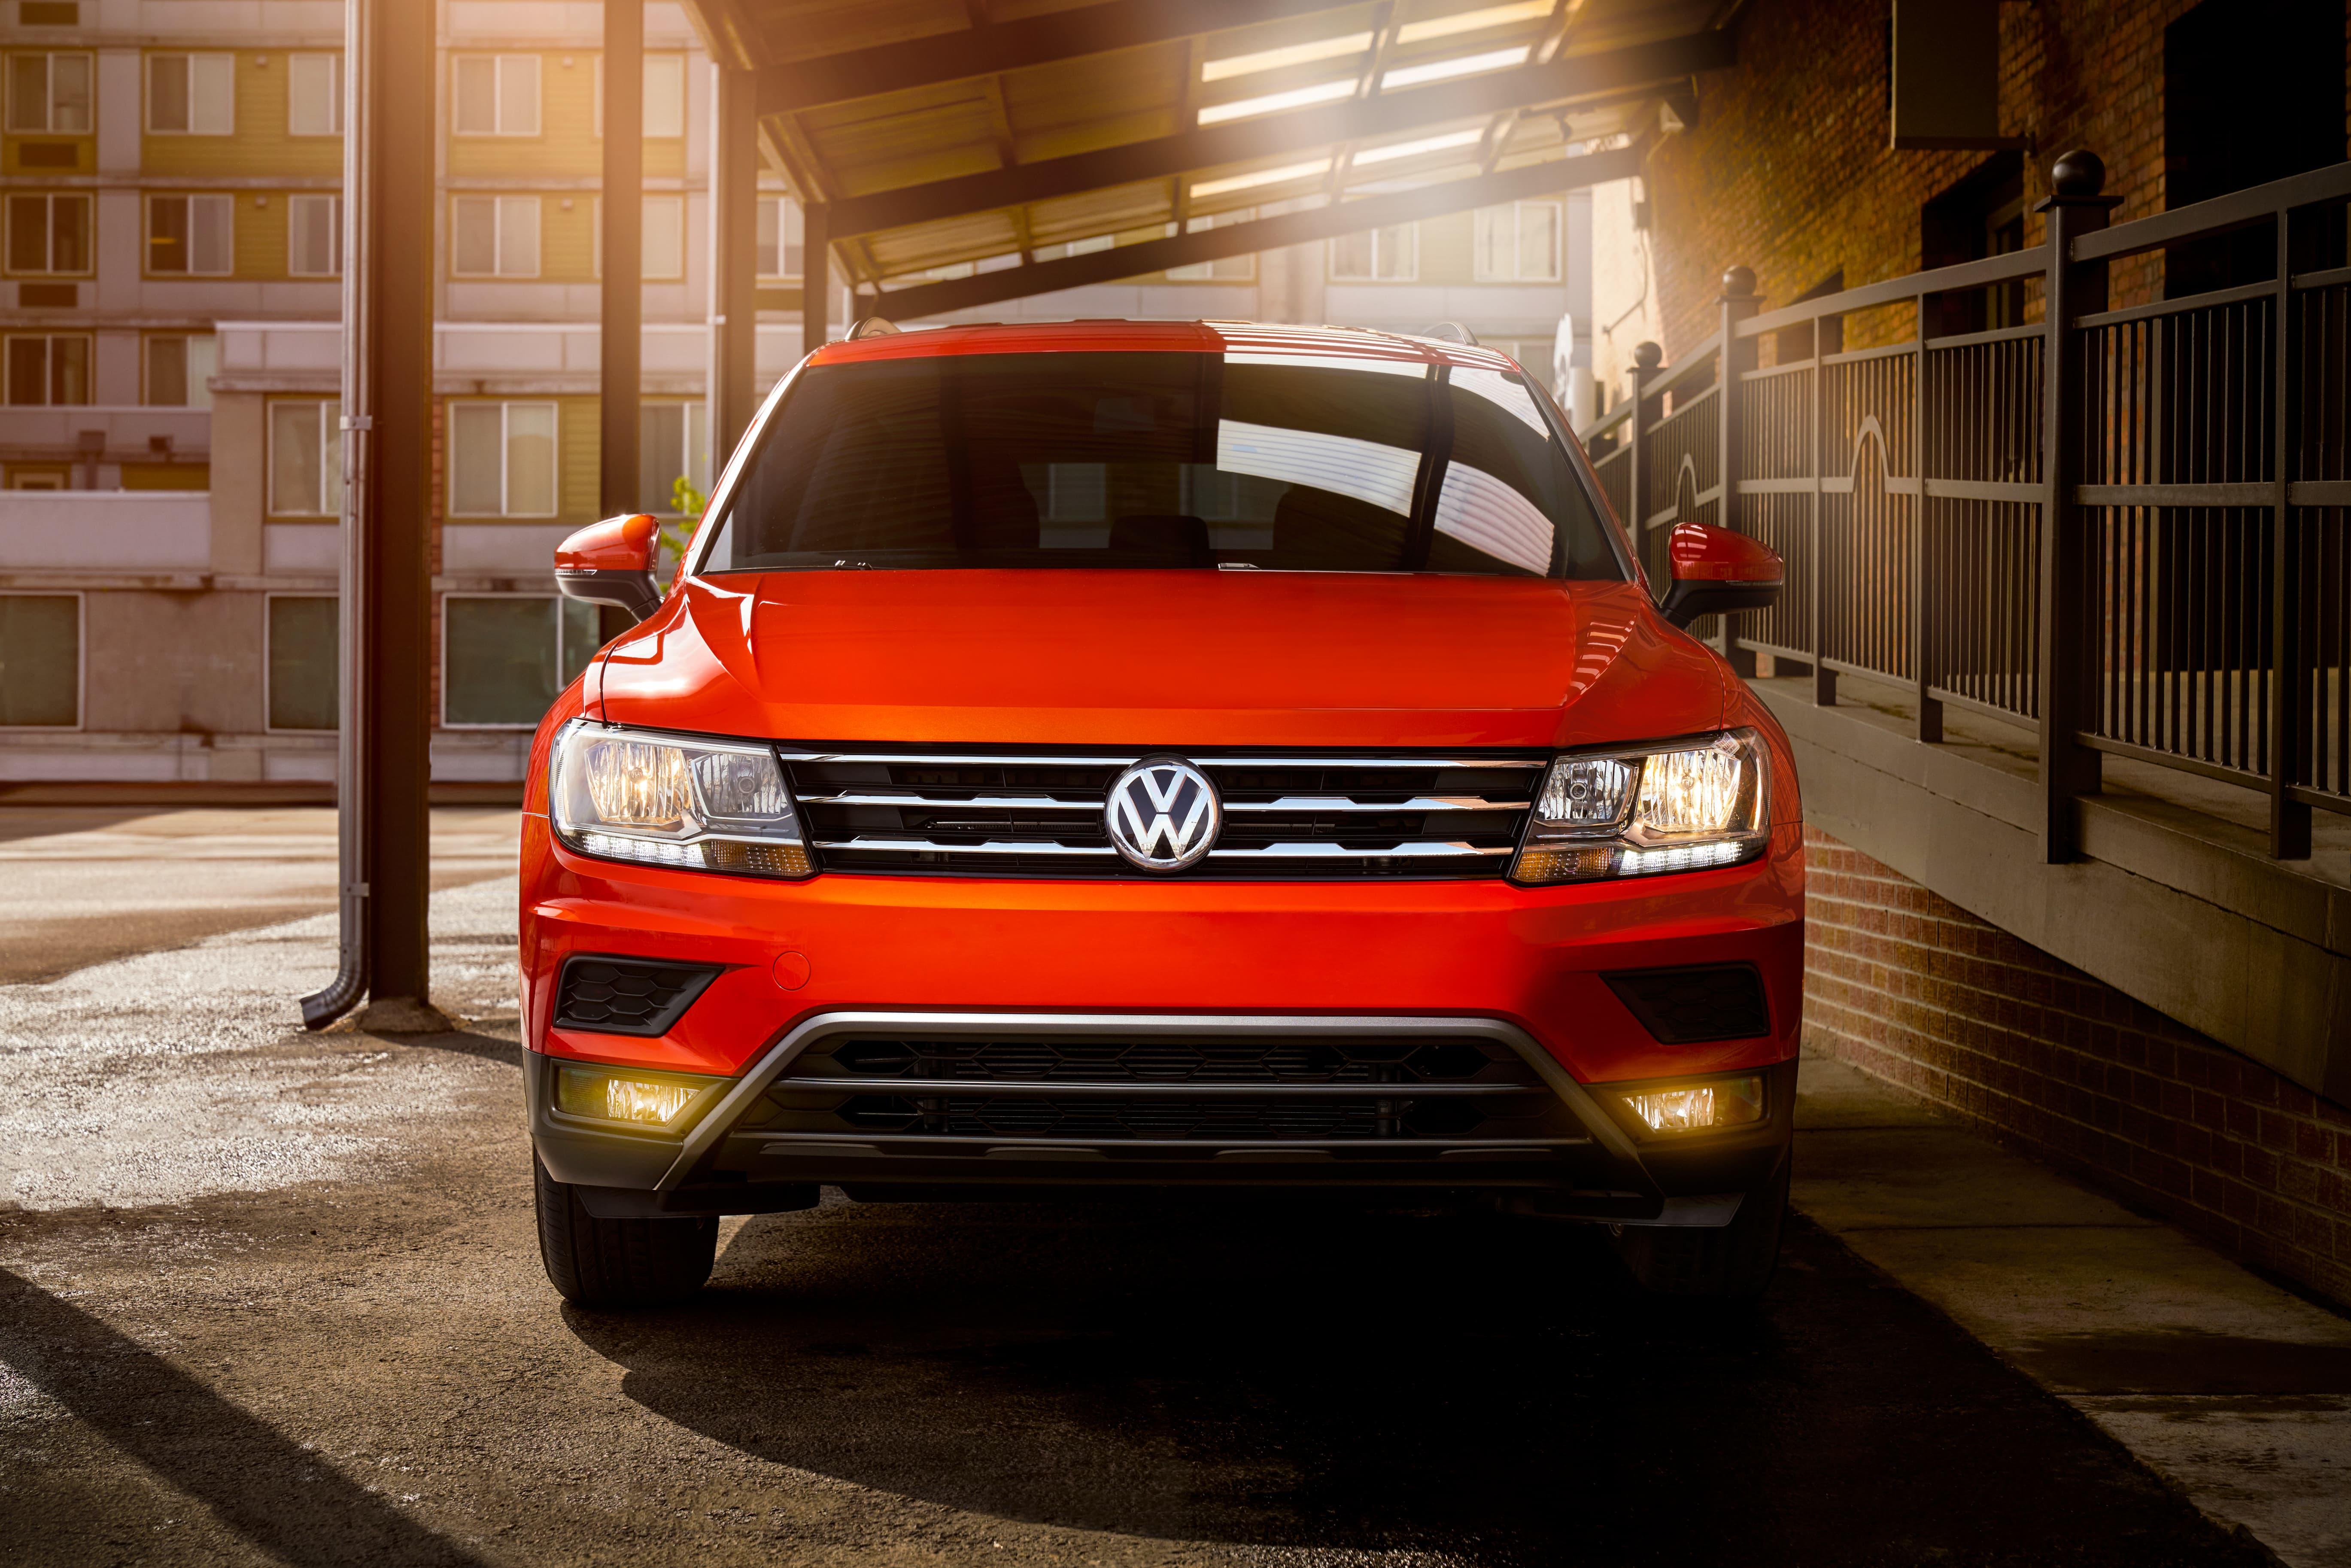 Volkswagen-smartest-business-moves